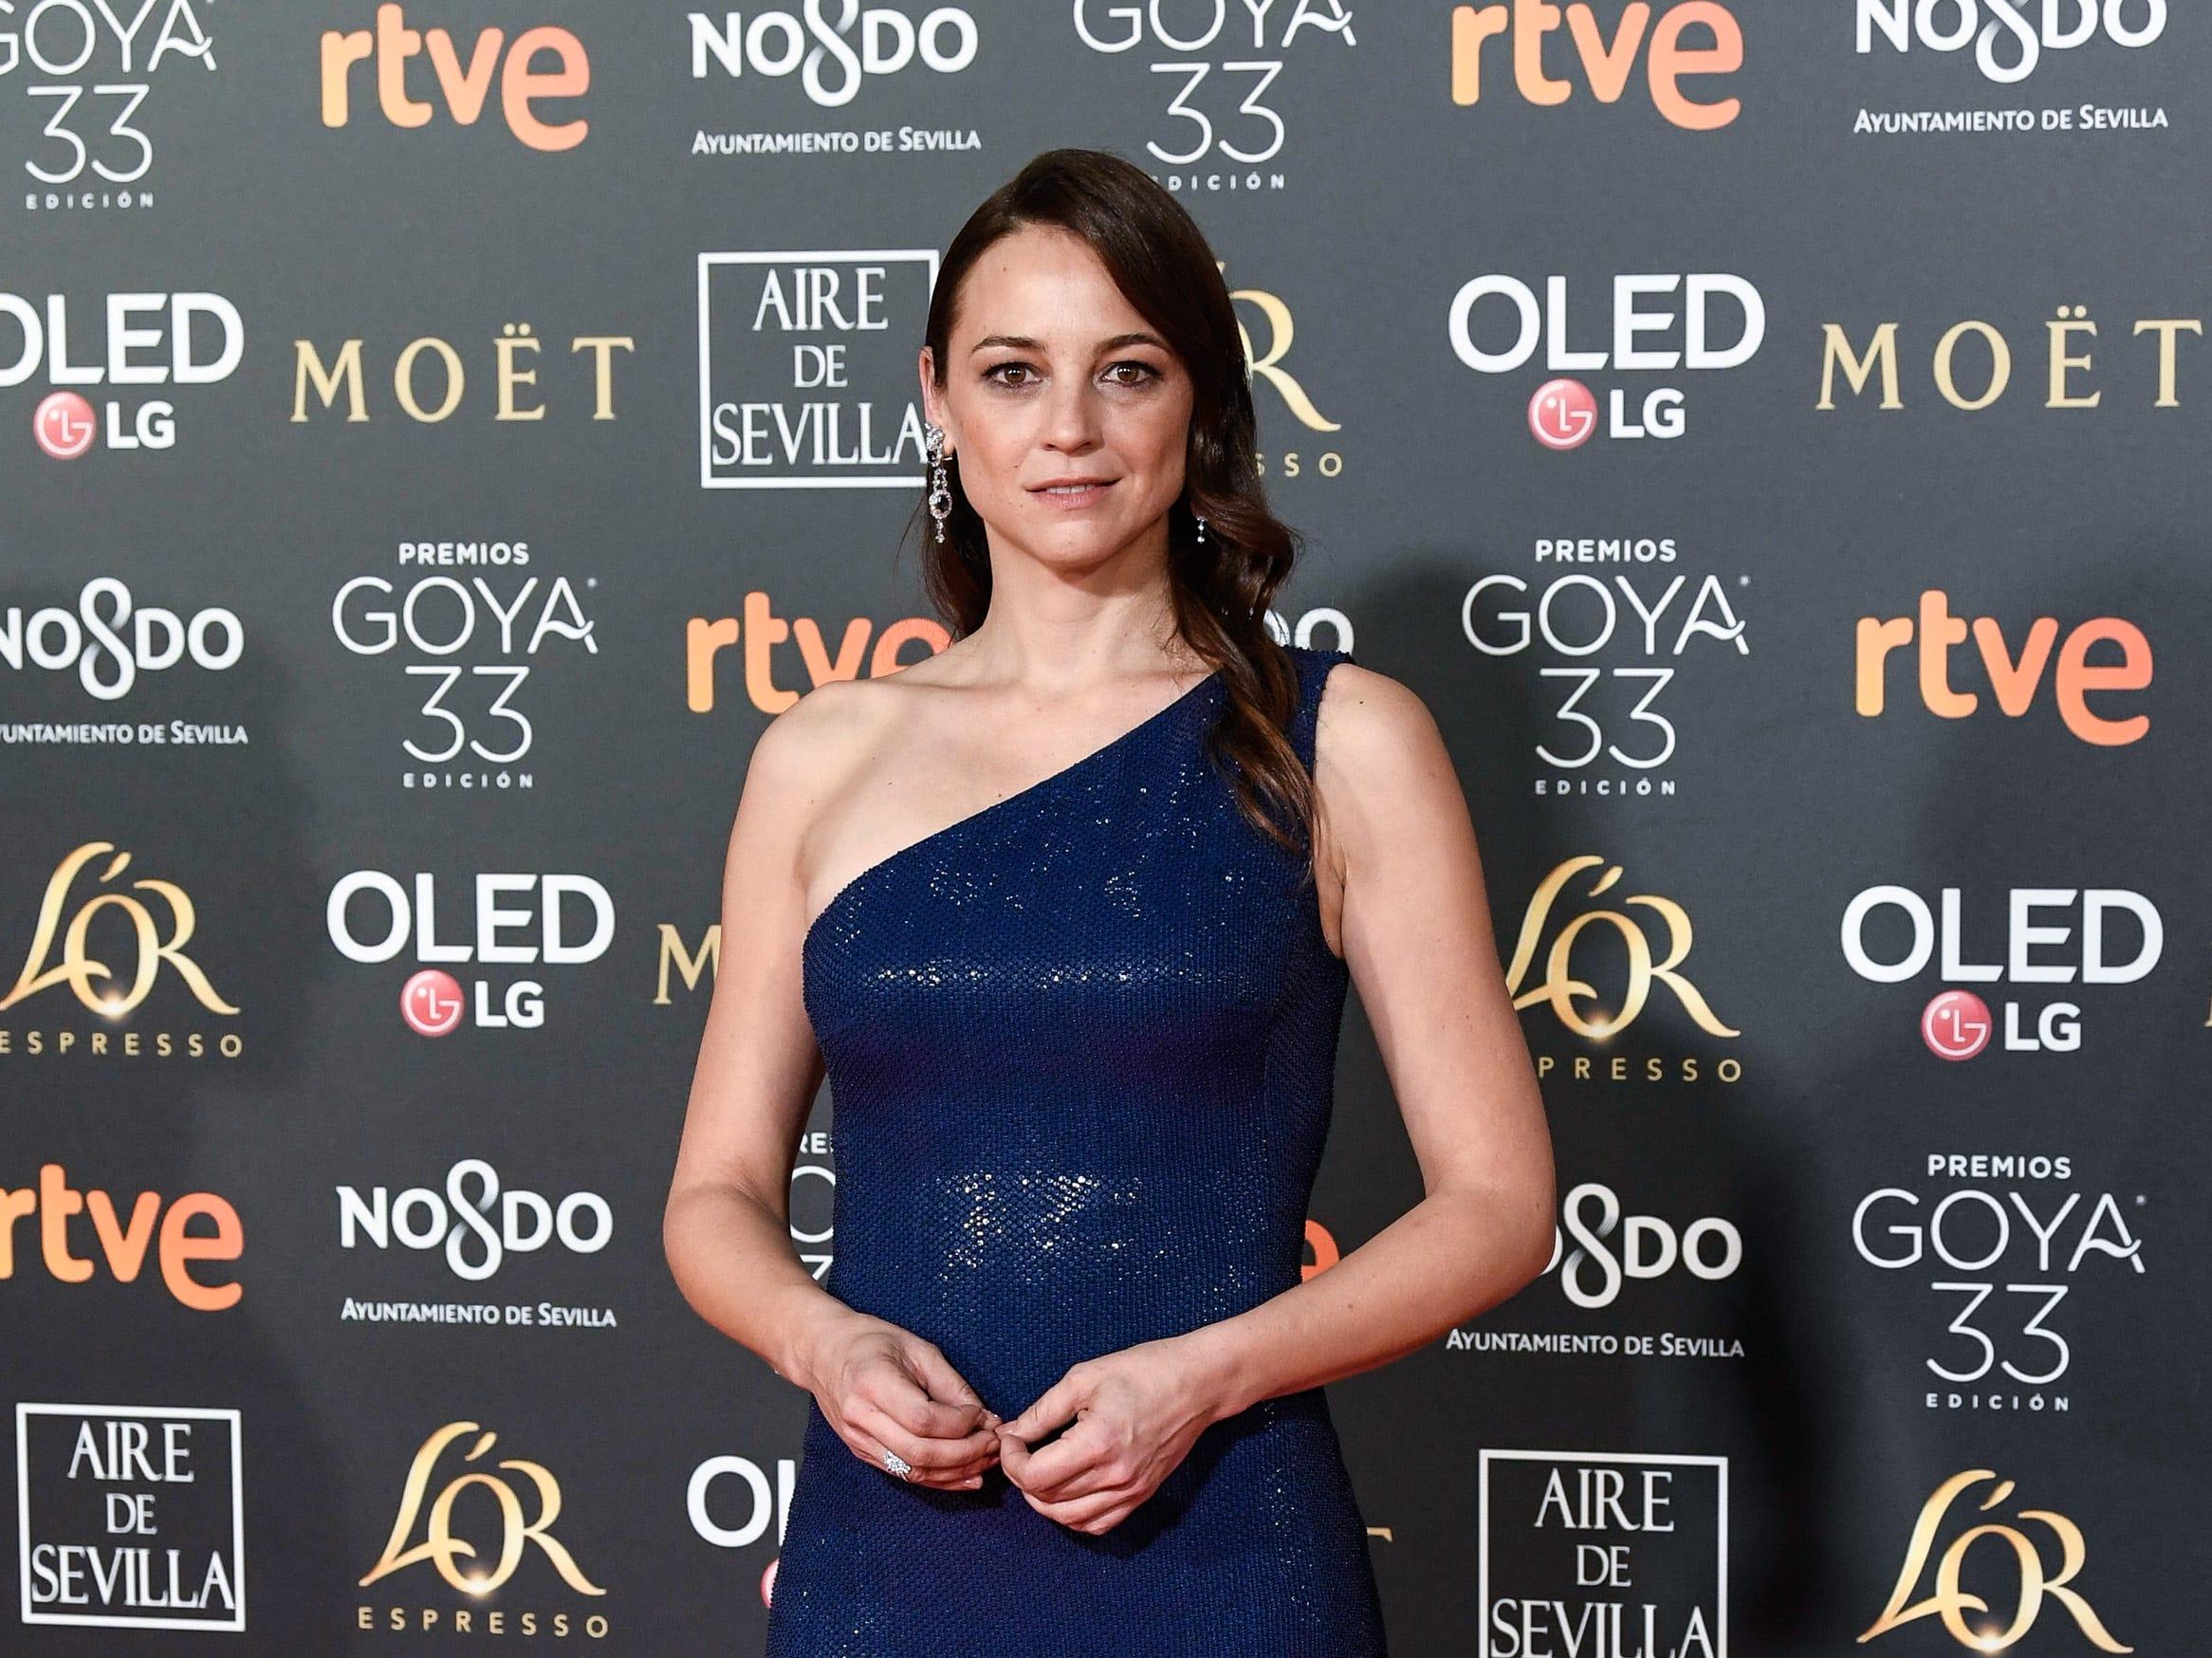 Leonor Watling asiste a la 33ª edición de los Premios de Cine Goya en el Palacio de Congresos y Exposiciones FIBES el 2 de febrero de 2019 en Sevilla, España.